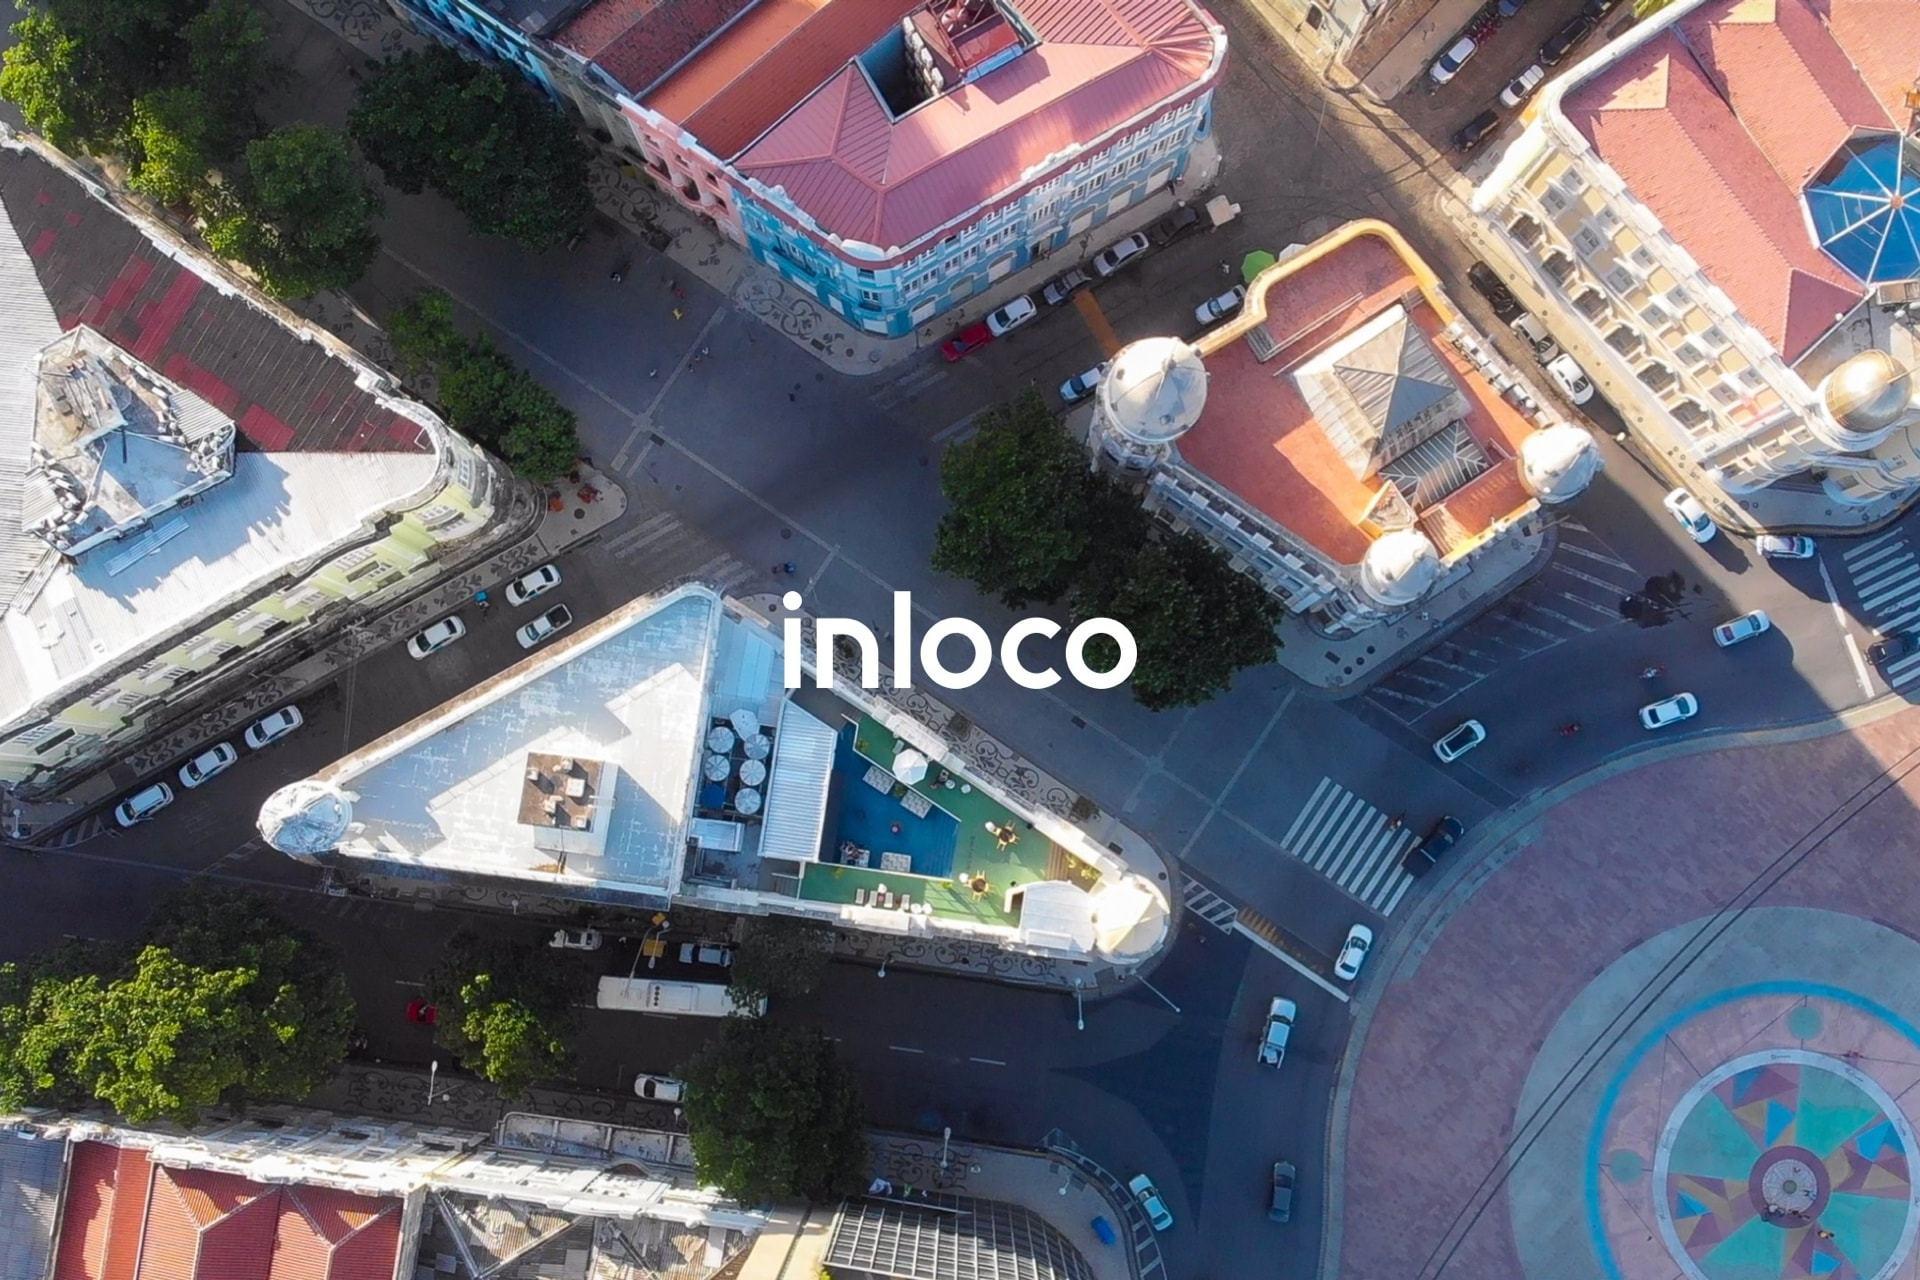 Imagem aérea de prédios e ruas com o logo da In Loco centralizado.